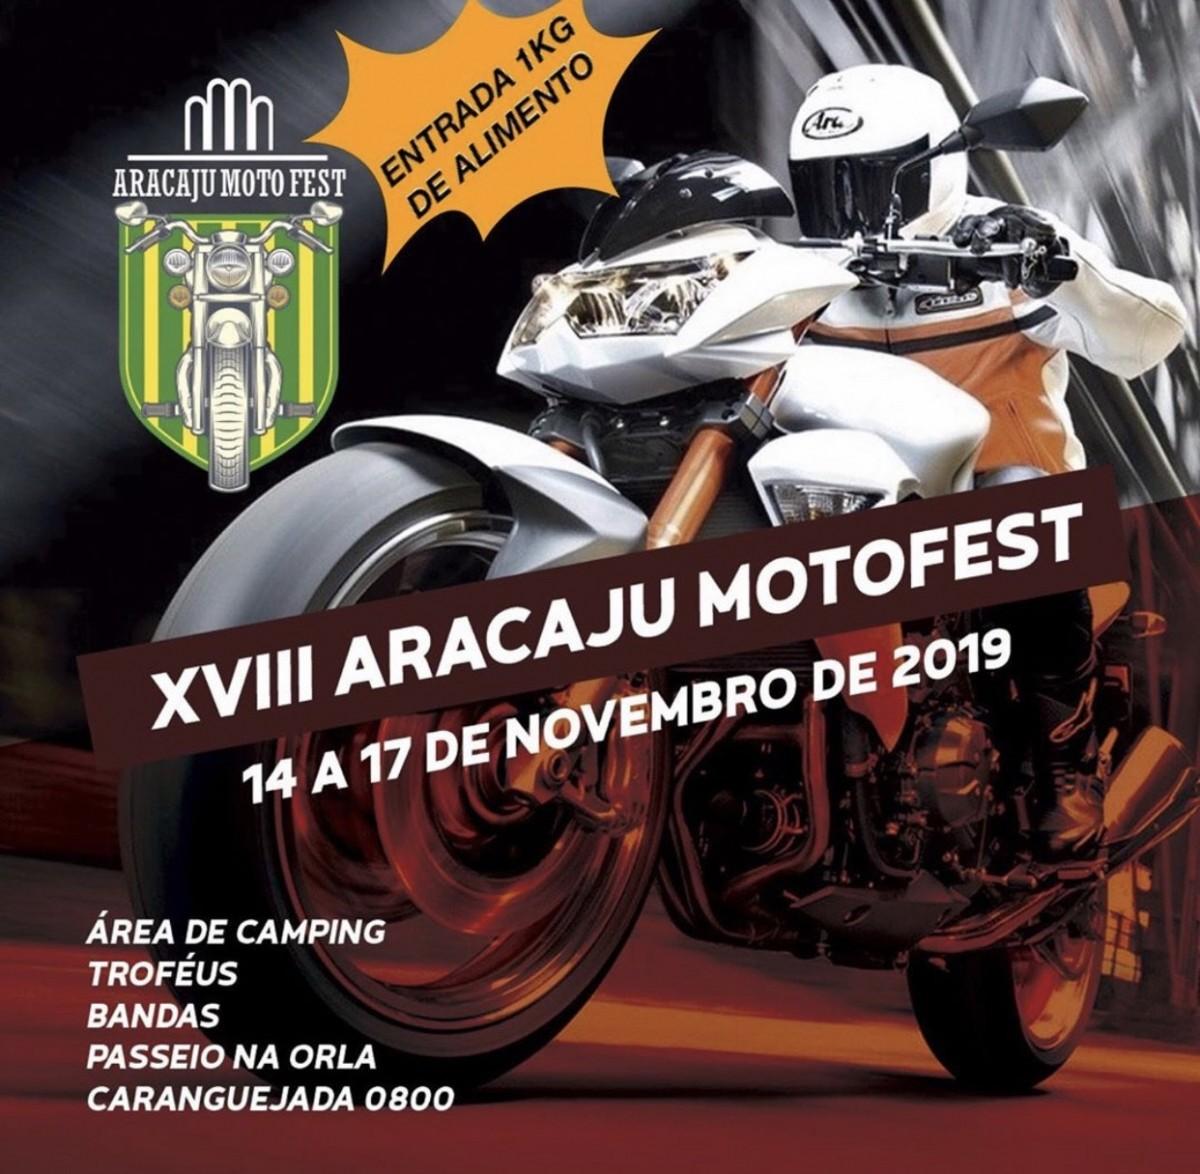 Aracaju Moto Fest no Kartódromo da Orla (Imagem: Divulgação)